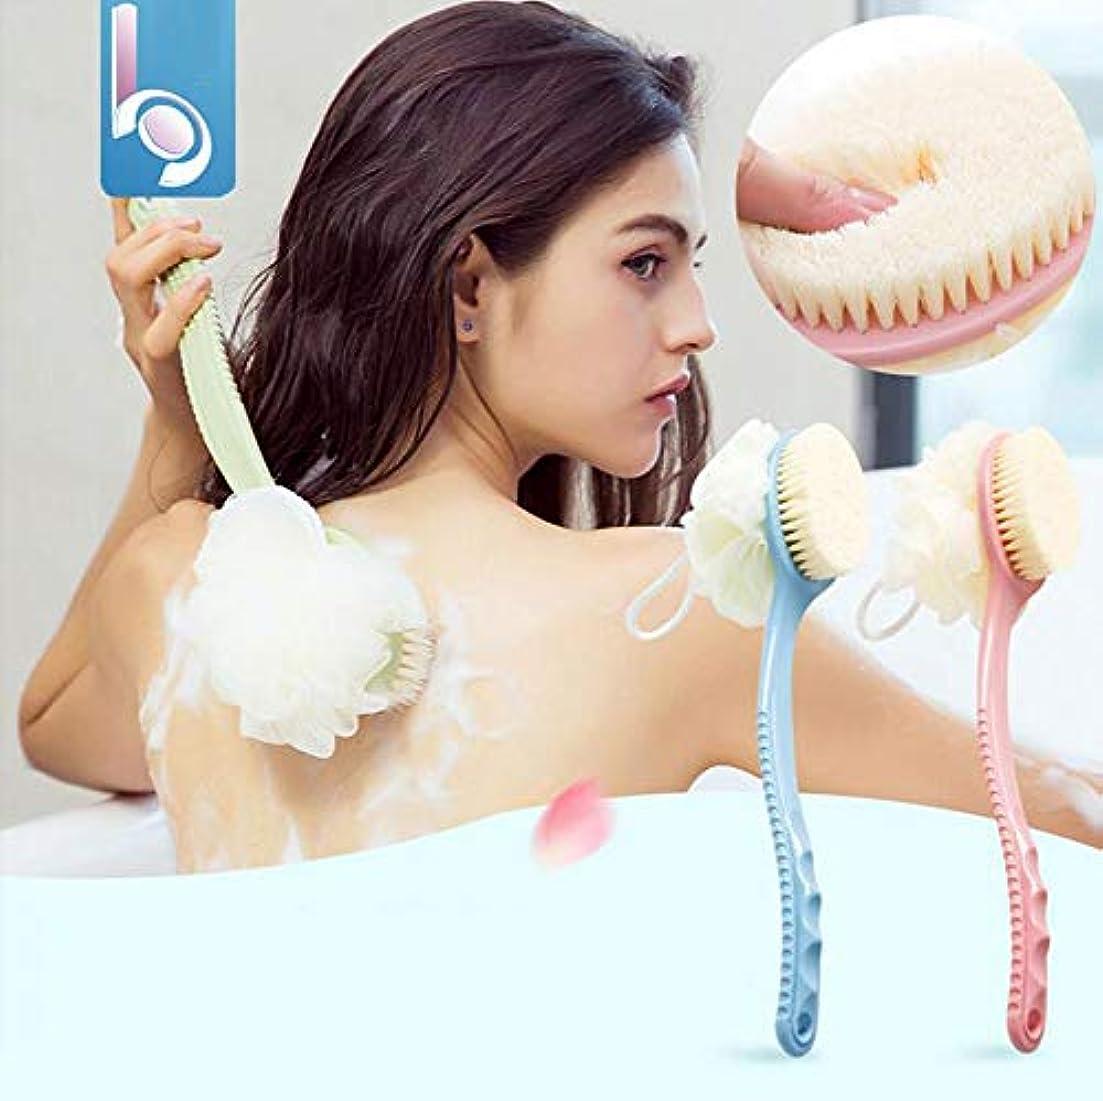 ルーパイプ香港ロングハンドルバスブラシ、ソフトファーバスタオル入浴バックセルライトスクラブのための入浴アーティファクト,Pink